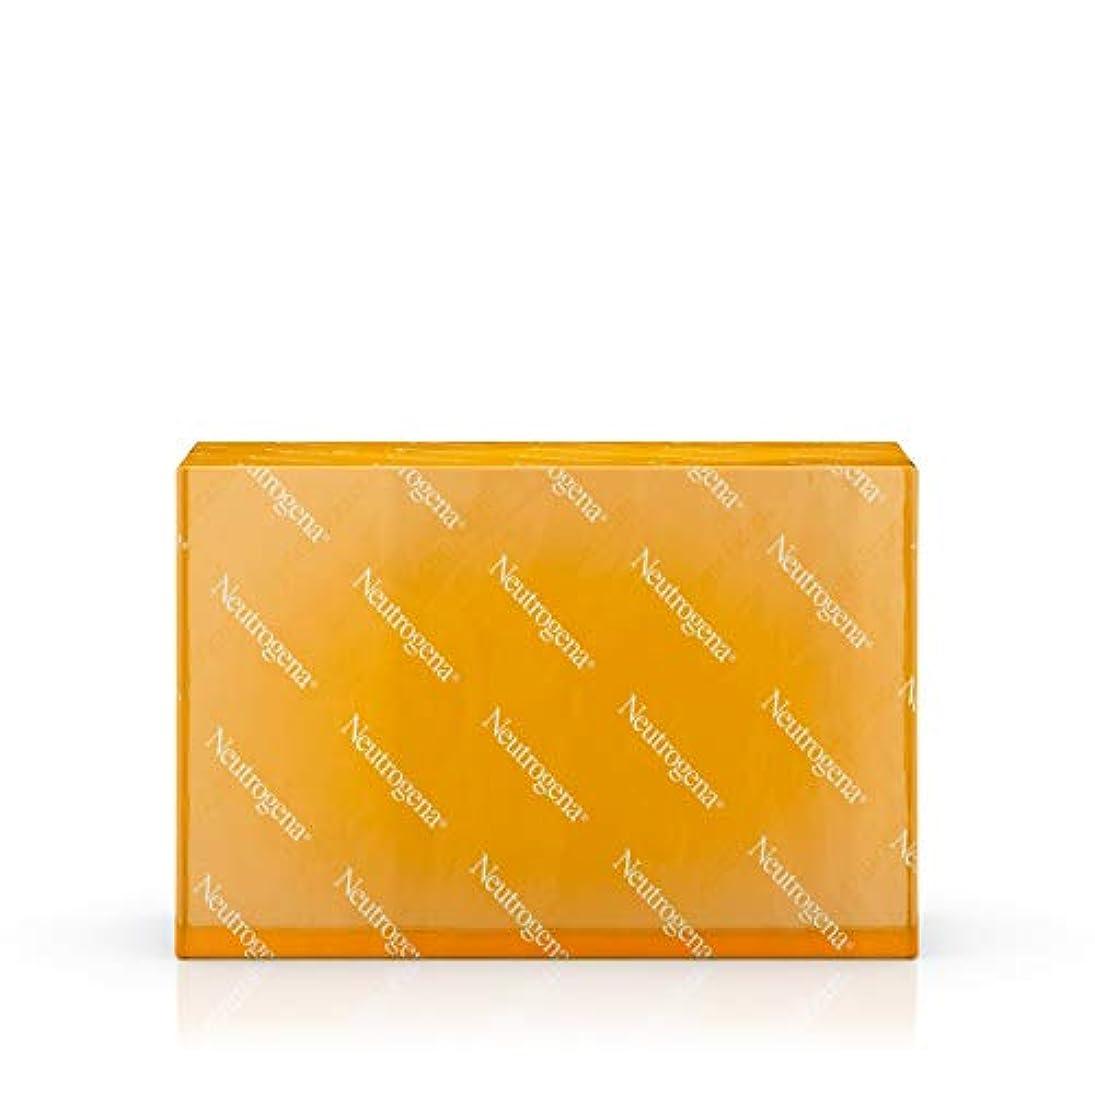 ヒロイン返済おもてなし海外直送品 Neutrogena Neutrogena Transparent Facial Bar Soap Fragrance Free, Fragrance Free 3.5 oz